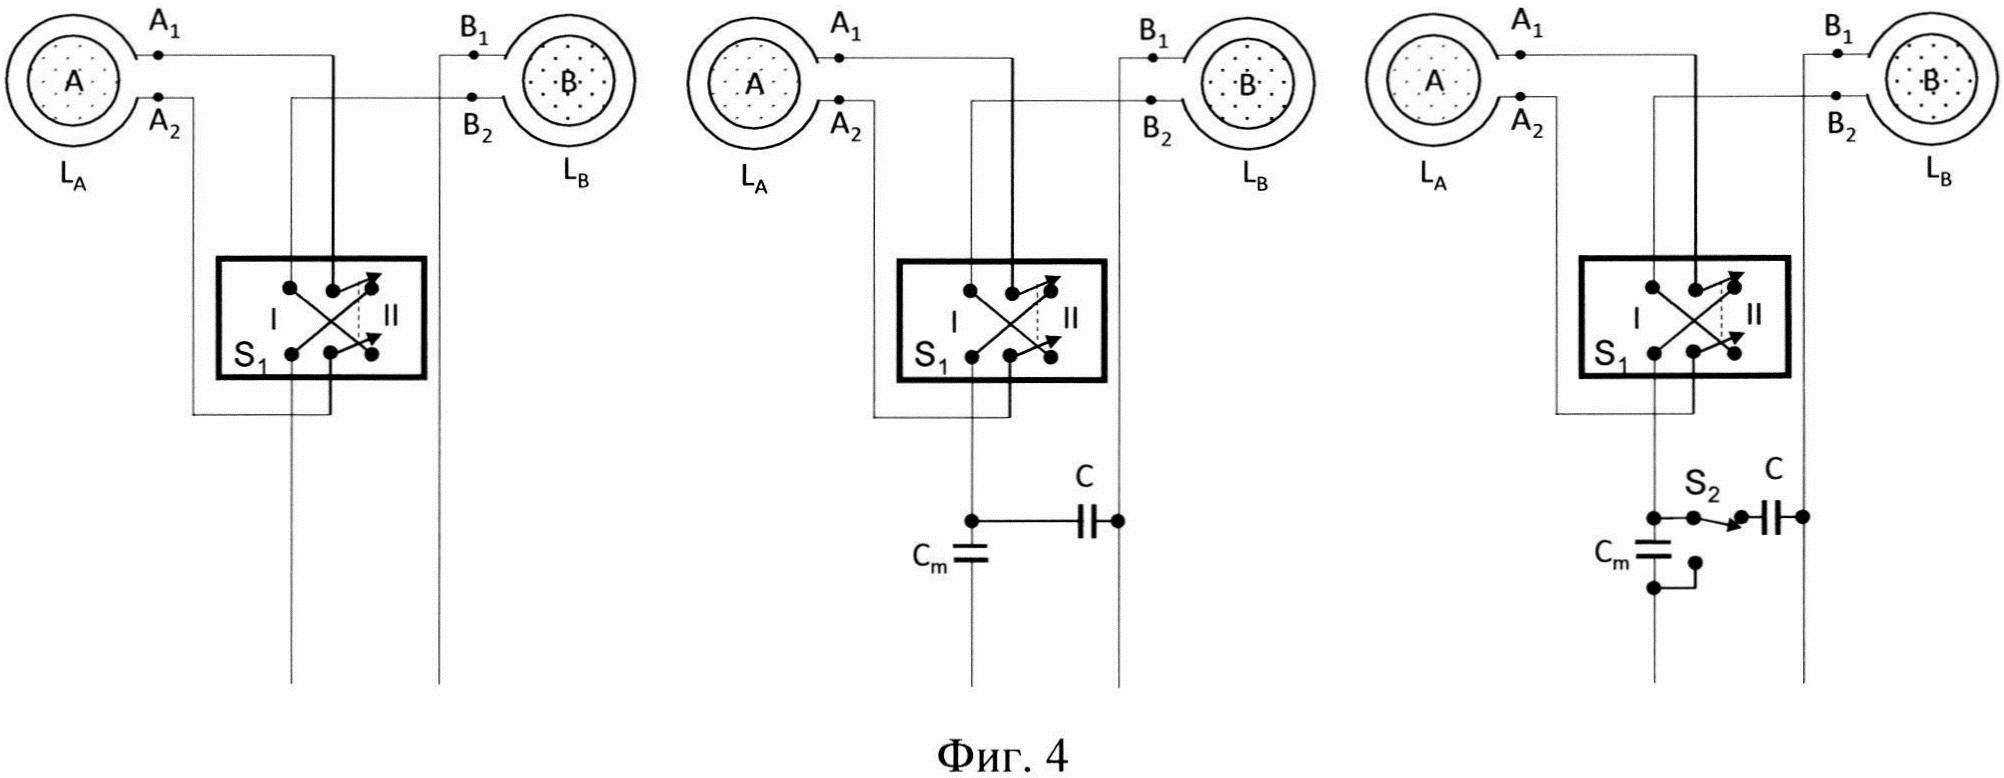 Способ неинвазивной идентификации объектов по их спектрам ямр и устройство для его осуществления